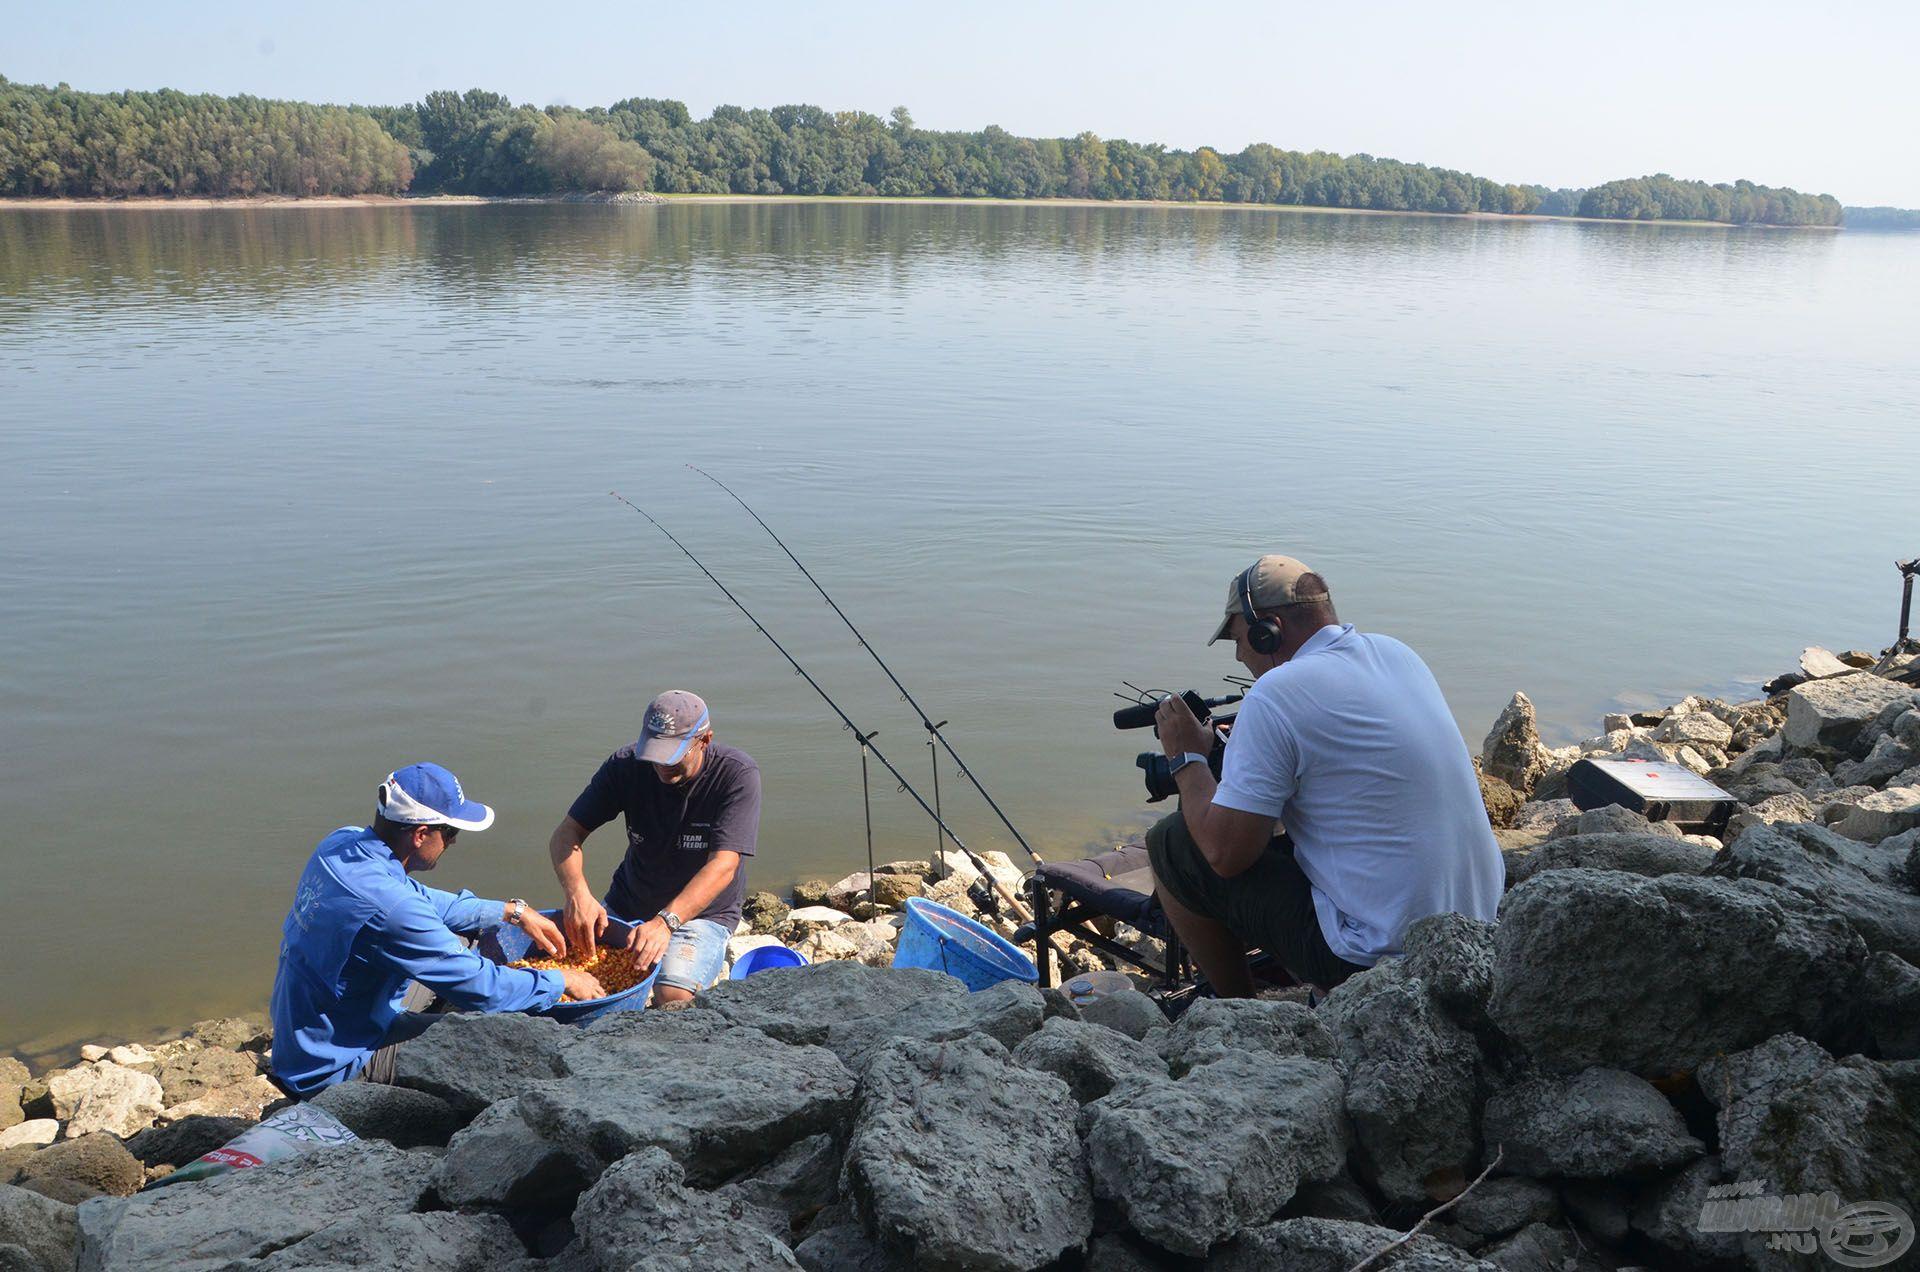 A horgászat legizgalmasabb és legérdekesebb részeit kamerával is megörökítettük, amely végeredménye egy igazán különleges és szép film lett